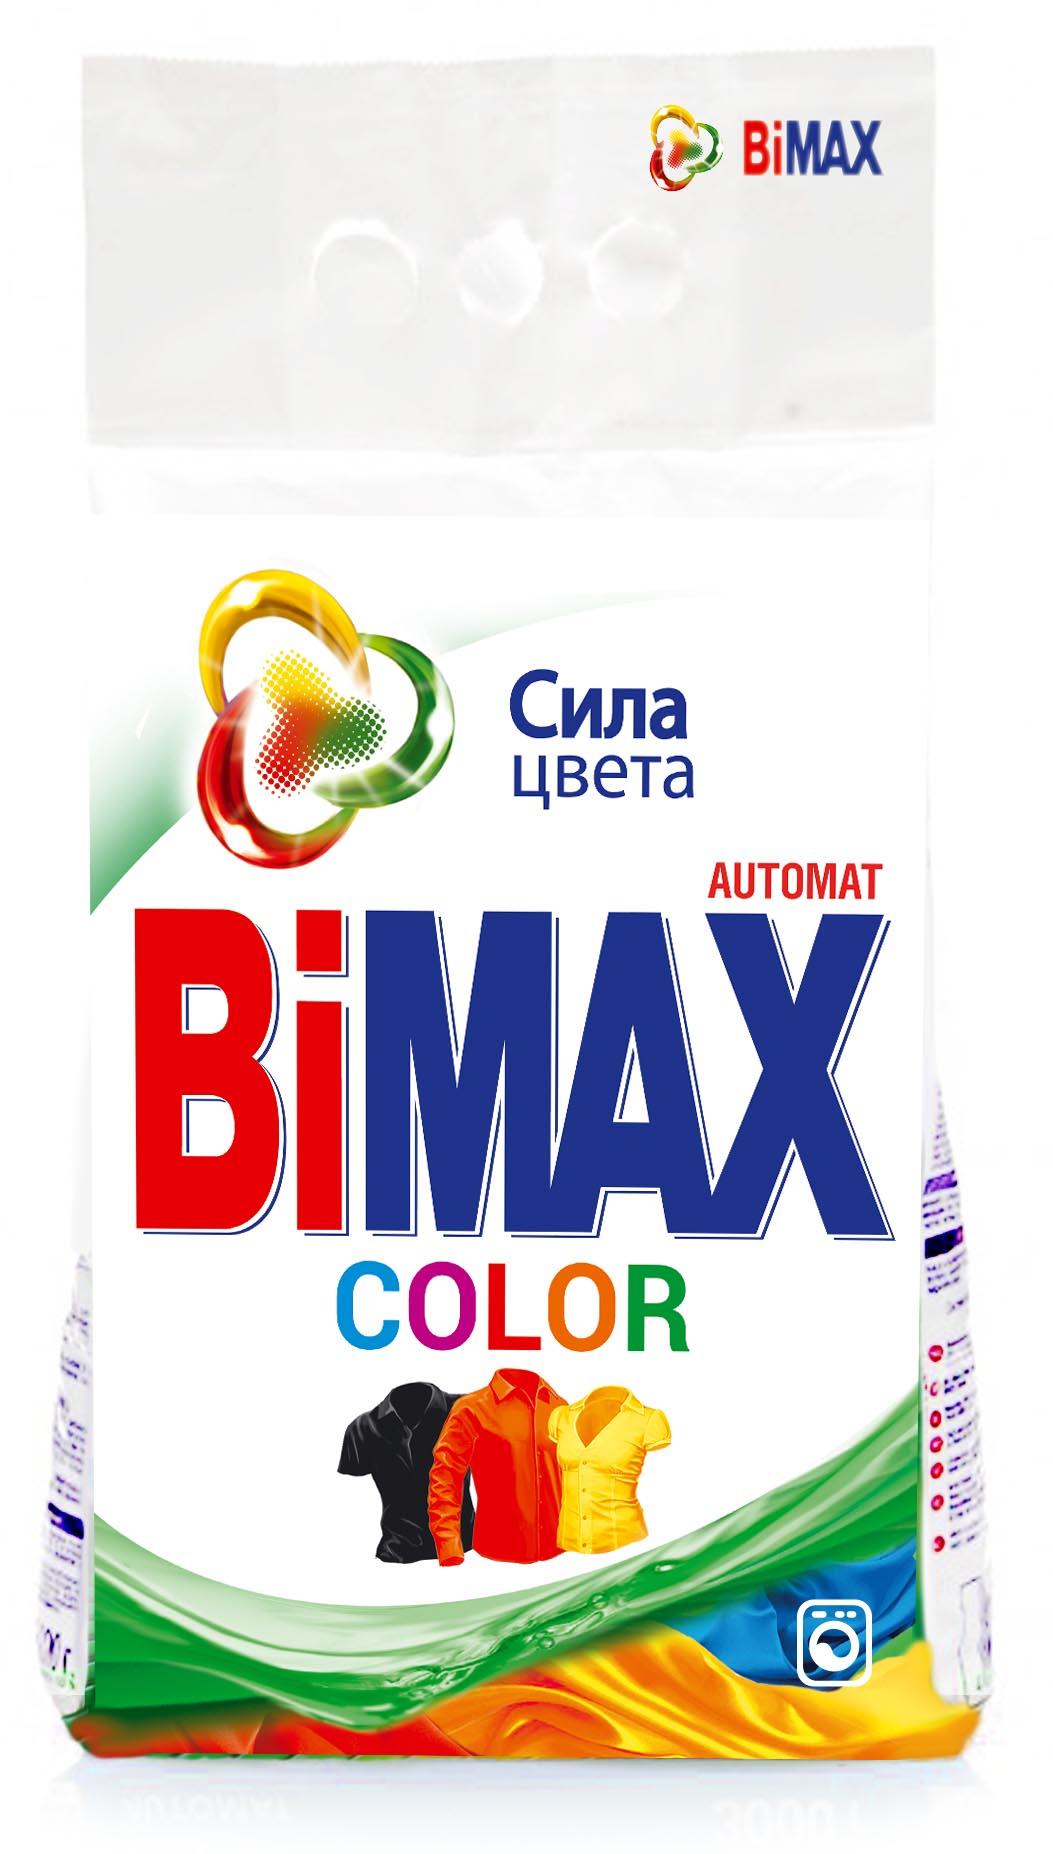 Стиральный порошок BiMax Color, 6 кг526-1Стиральный порошок BiMax Color предназначен для замачивания и стирки изделий из цветных хлопчатобумажных, льняных, синтетических тканей, а также тканей из смешанных волокон. Не предназначен для стирки изделий из шерсти и натурального шелка. Порошок имеет пониженное пенообразование, содержит биодобавки и перекисные соли. BiMax сохраняет цвета ваших любимых вещей даже после многократных стирок. Эффективно удаляет загрязнения и трудновыводимые пятна, а также защищает структуру волокон ткани и препятствует появлению катышек. Кроме того, порошок экономит ваши средства: 6 кг BiMax заменяют 9 кг обычного порошка. Подходит для стиральных машин любого типа и ручной стирки.